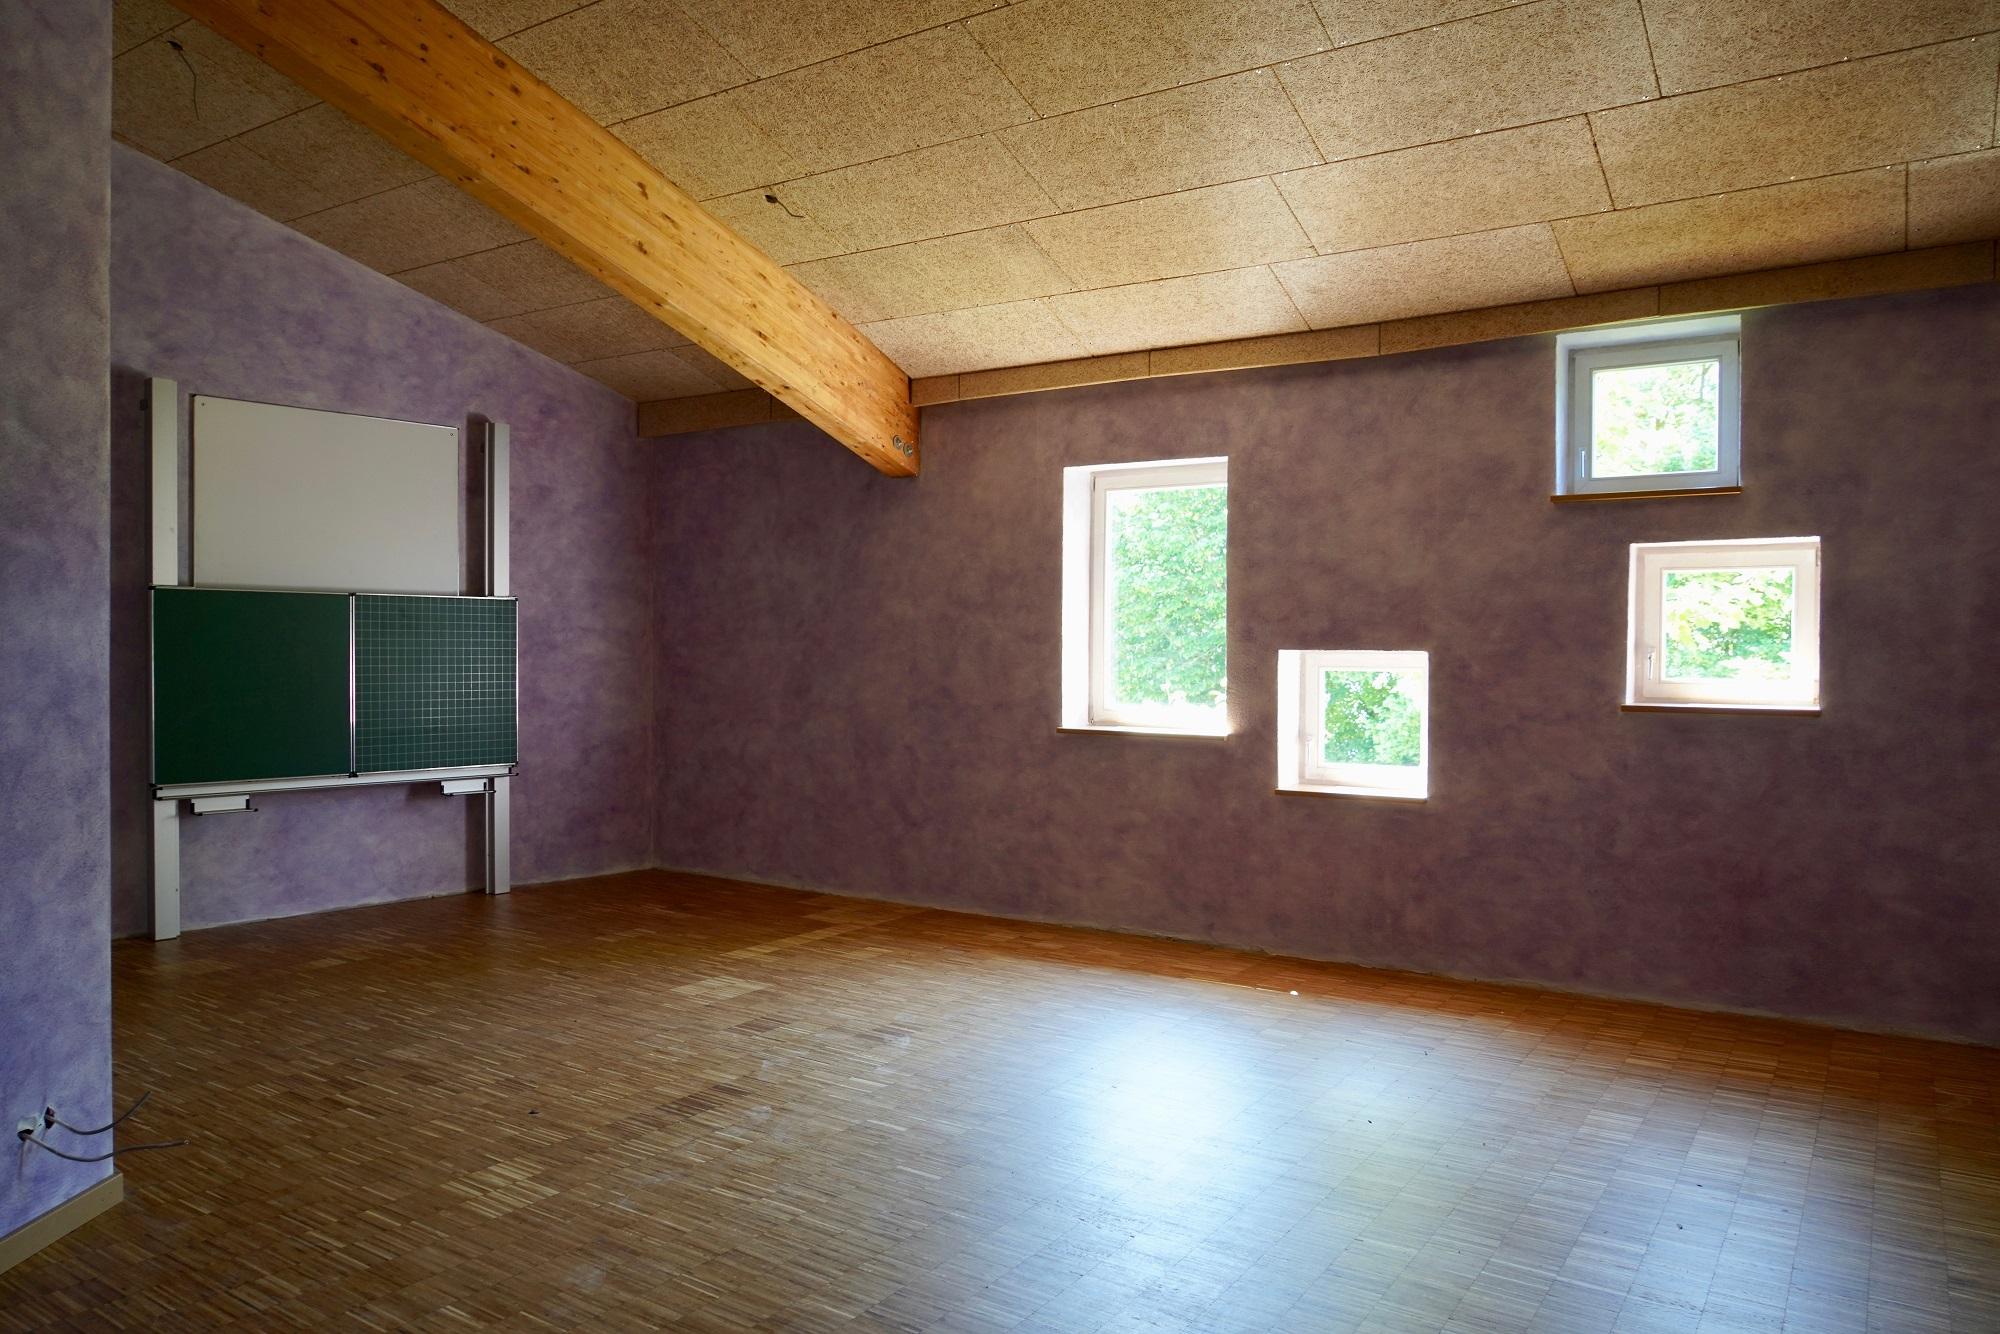 Umbau Saal Klassenz